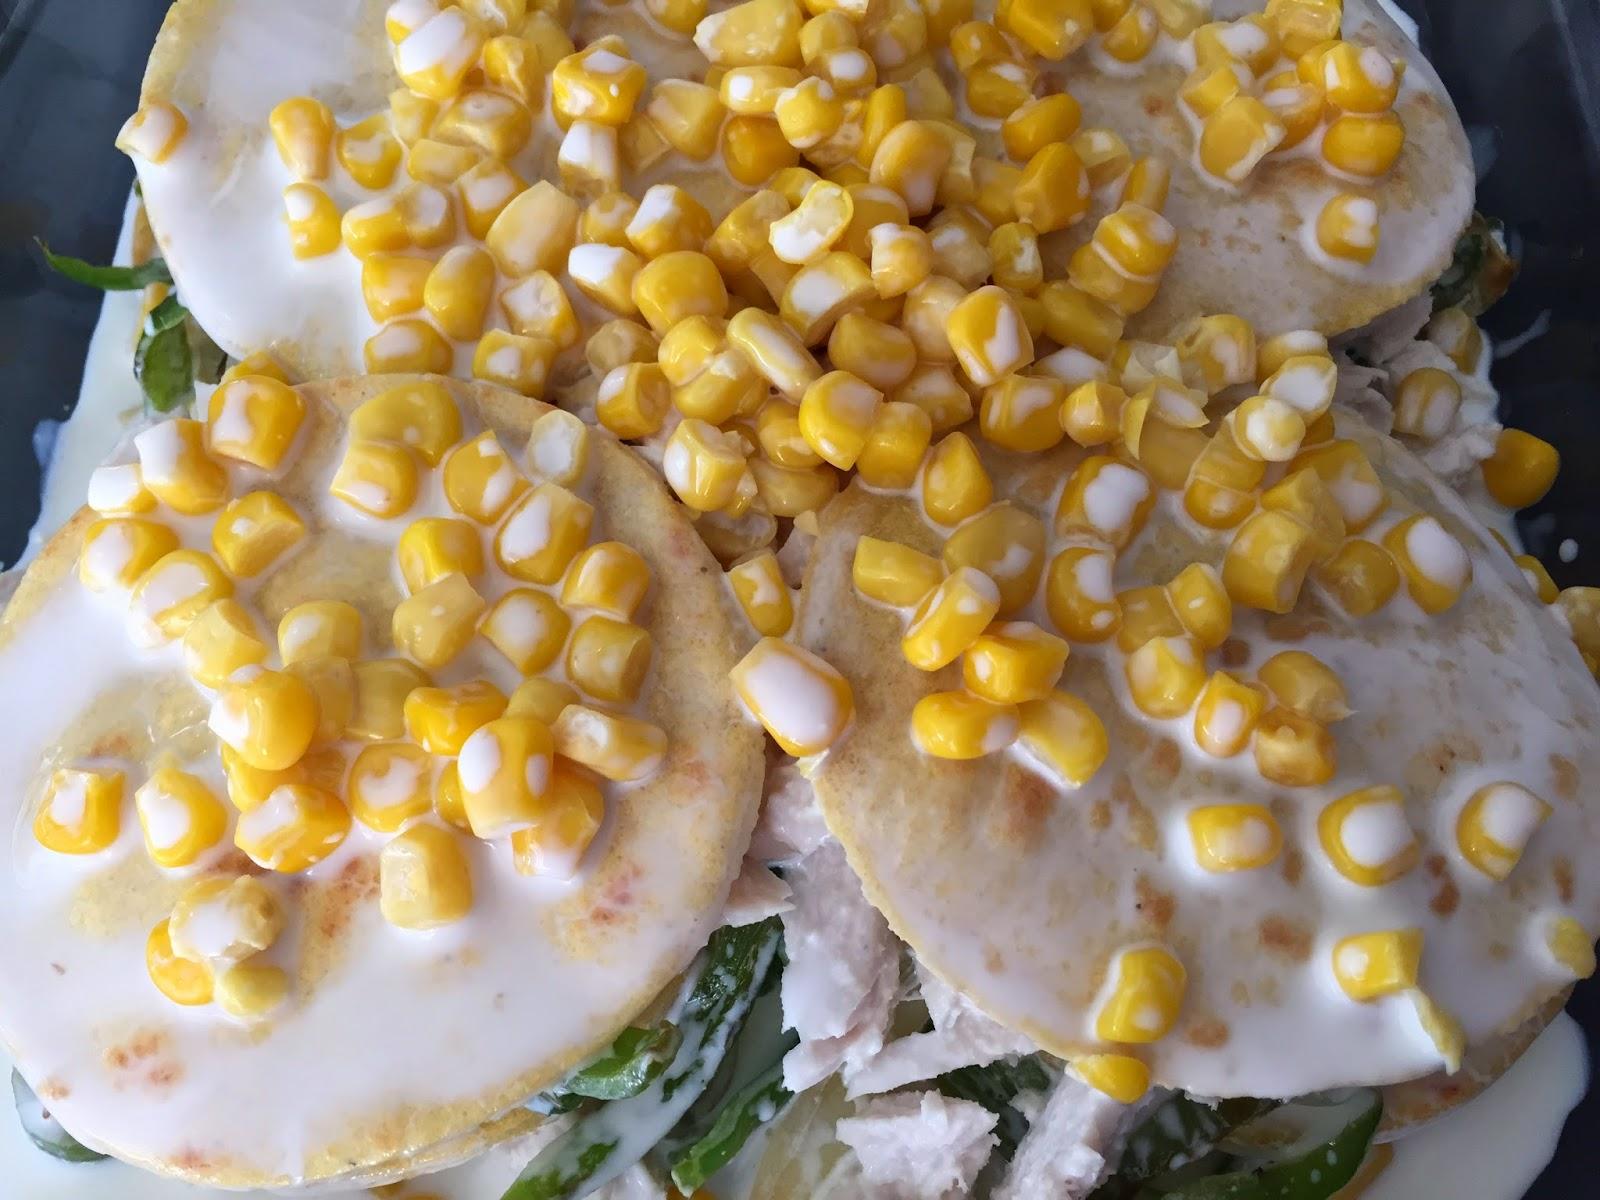 Pastel azteca, capa de maíz y nata.